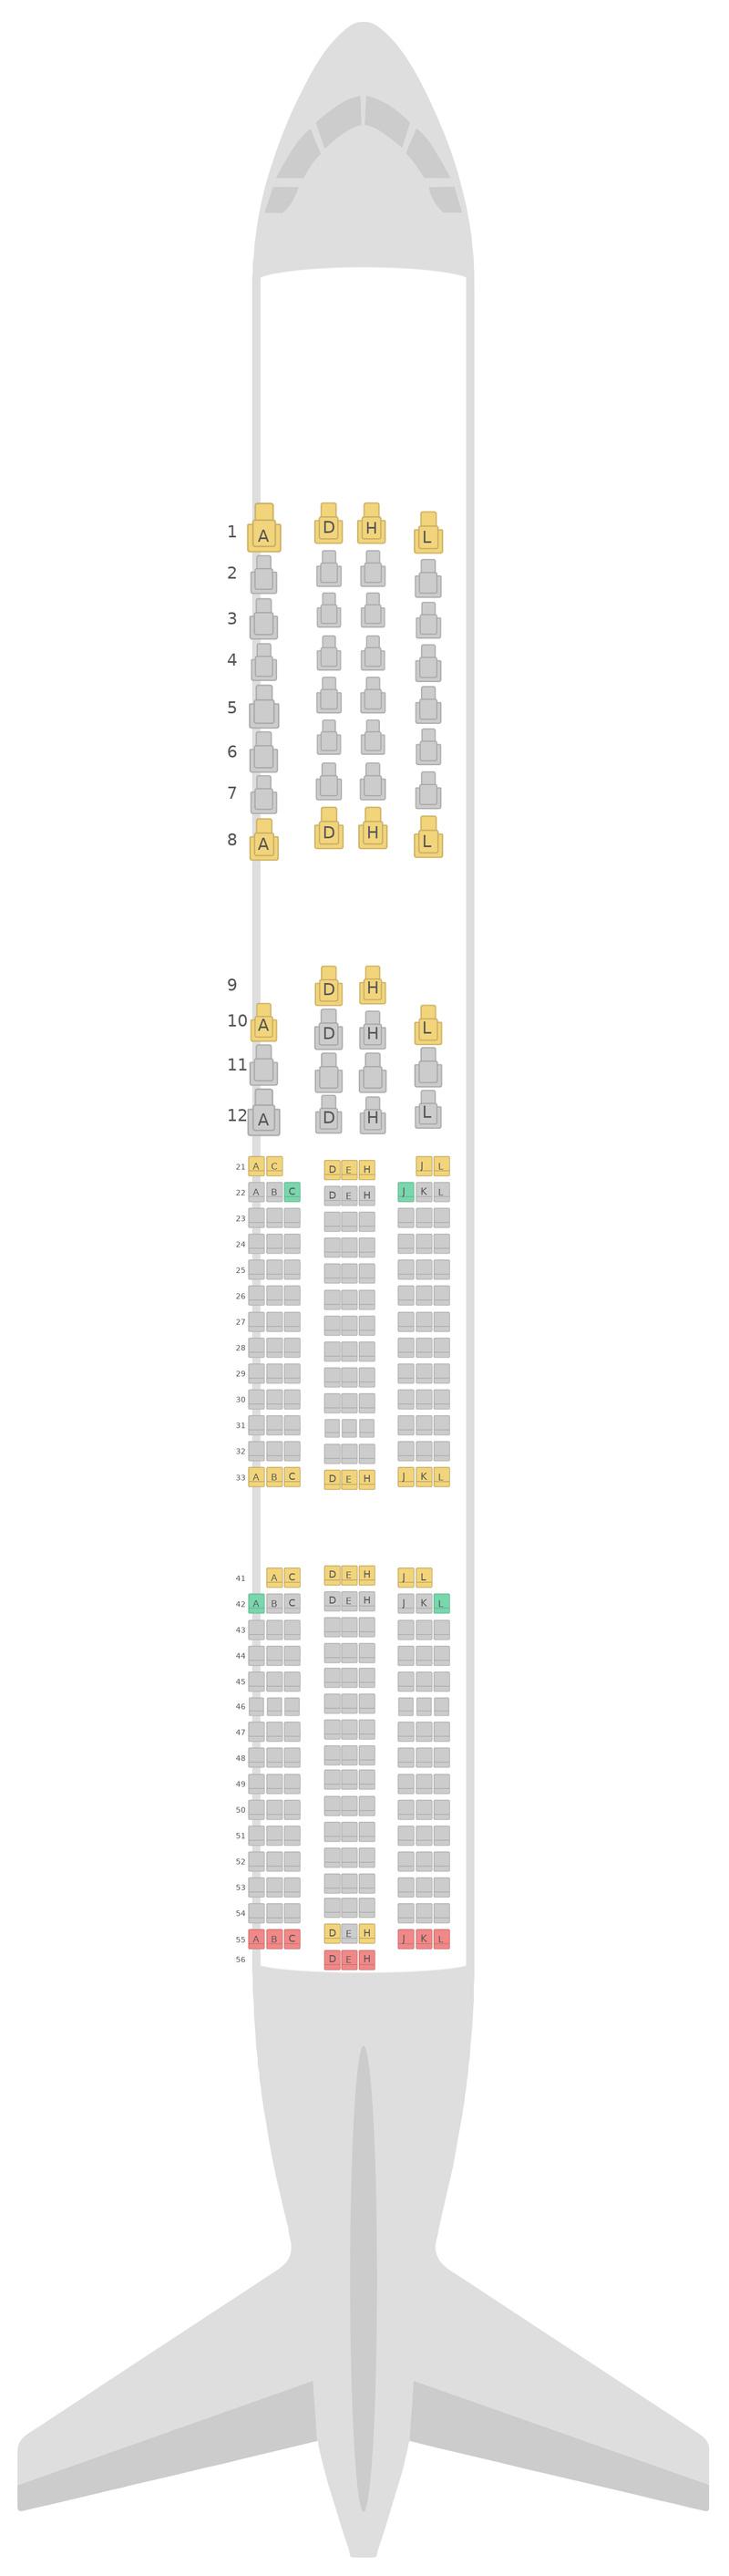 Seat Map Finnair Airbus A350-900 (359) v1